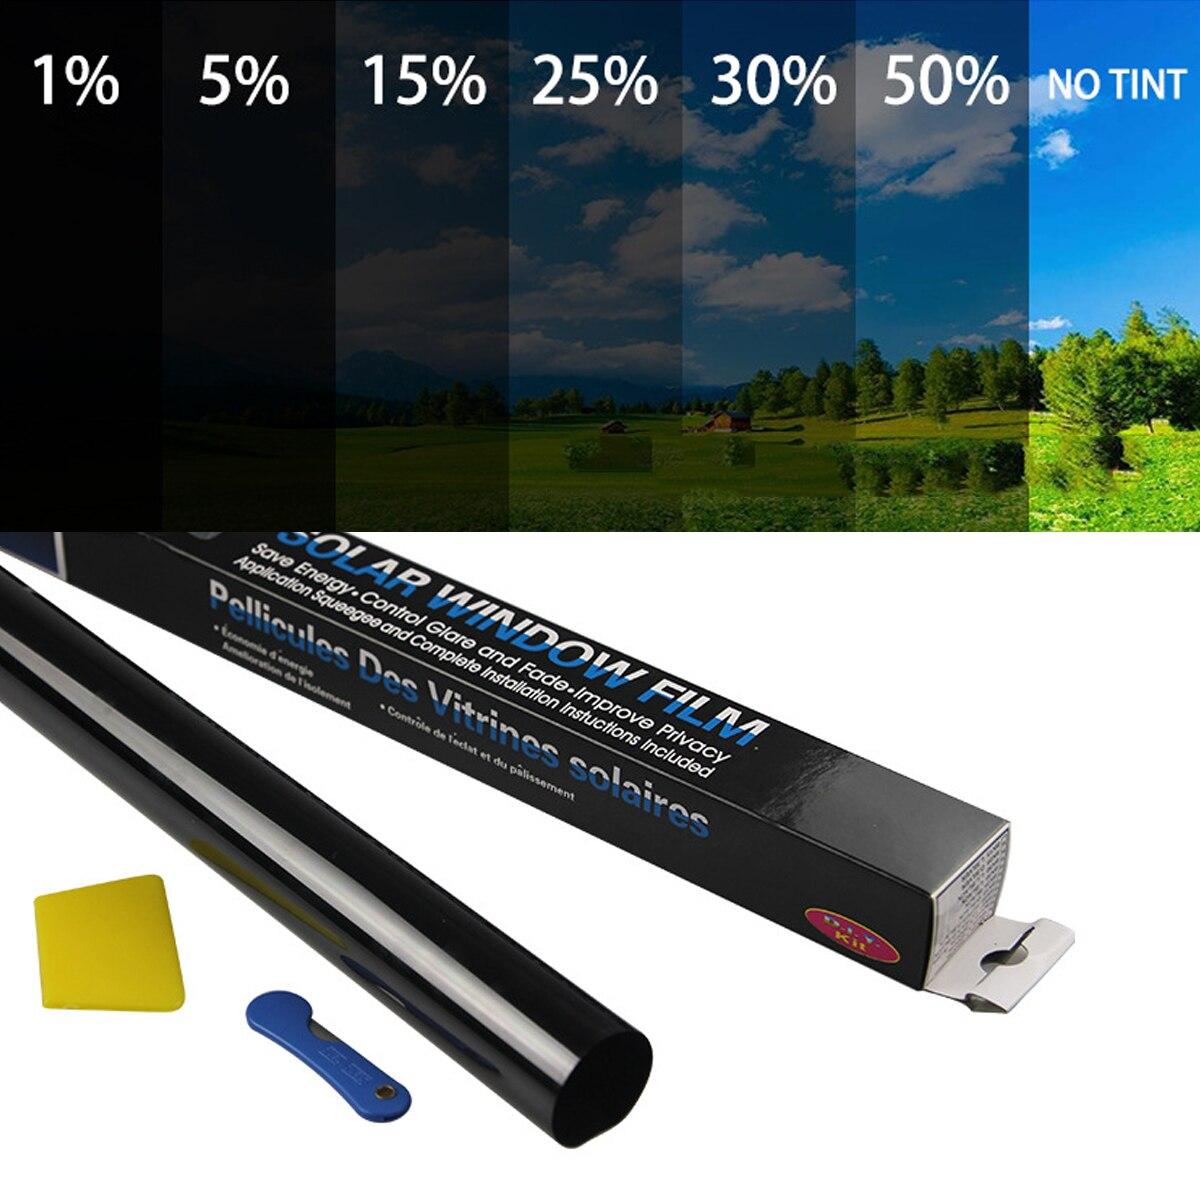 300cm x 50cm pellicole per vetri per Auto nere pellicola per tinta pellicola per vetri per Auto pellicola per vetri per vetri per Auto pellicola per adesivi per protezione solare UV estiva